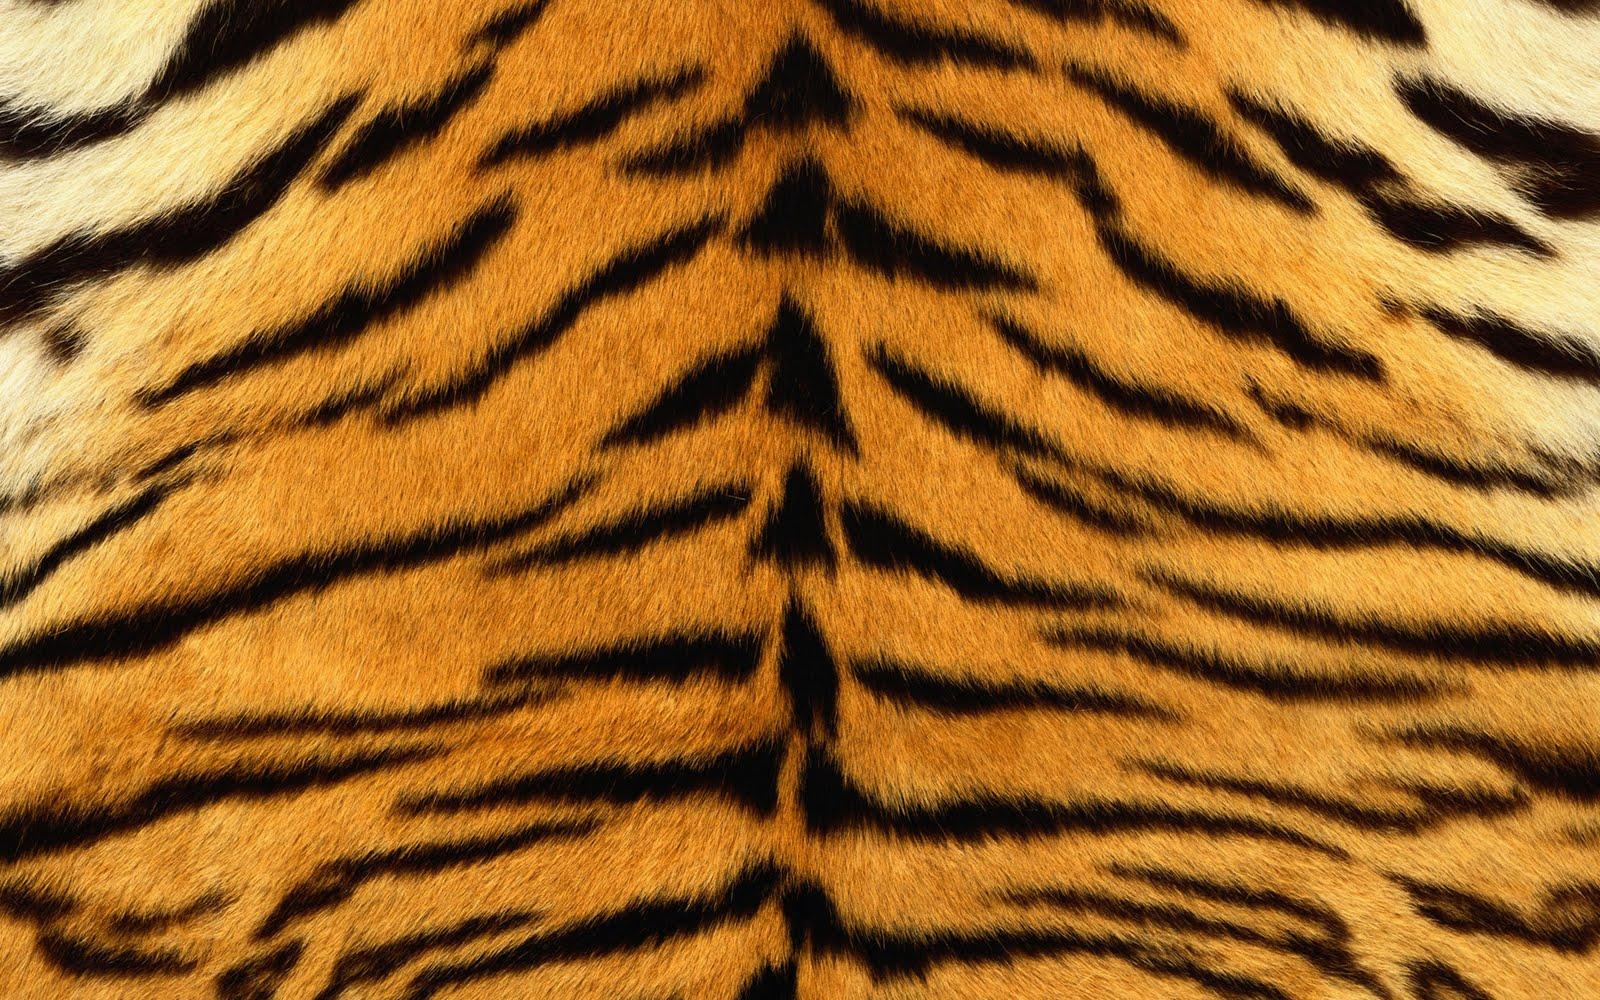 animal skin patterns - photo #1